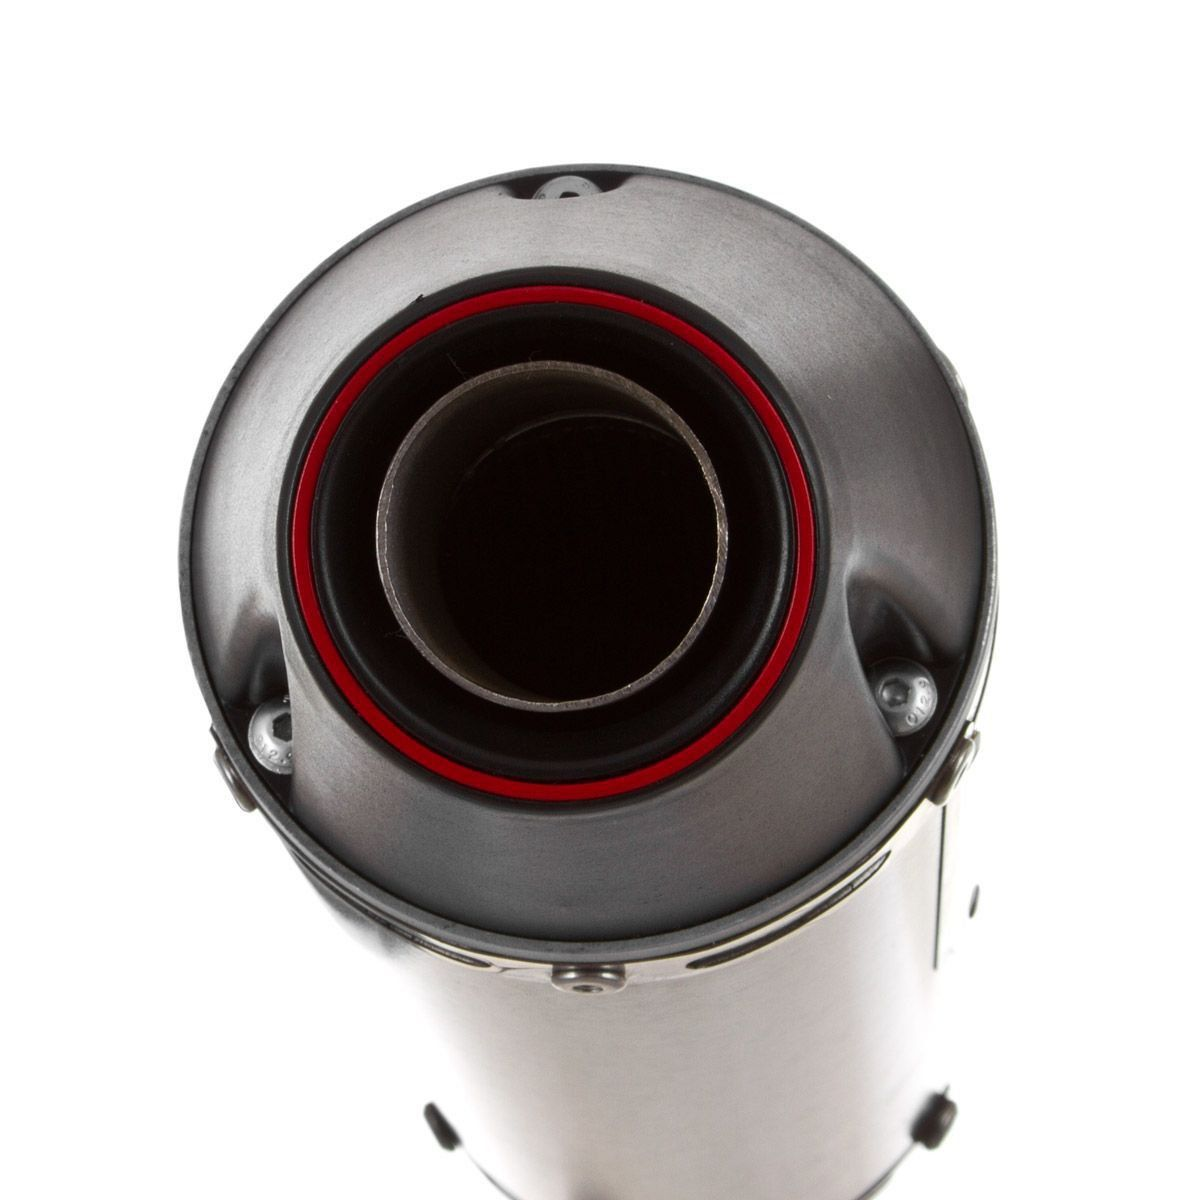 Escapamento Protork Powercore 788 para CRF 230  - Motorshopp